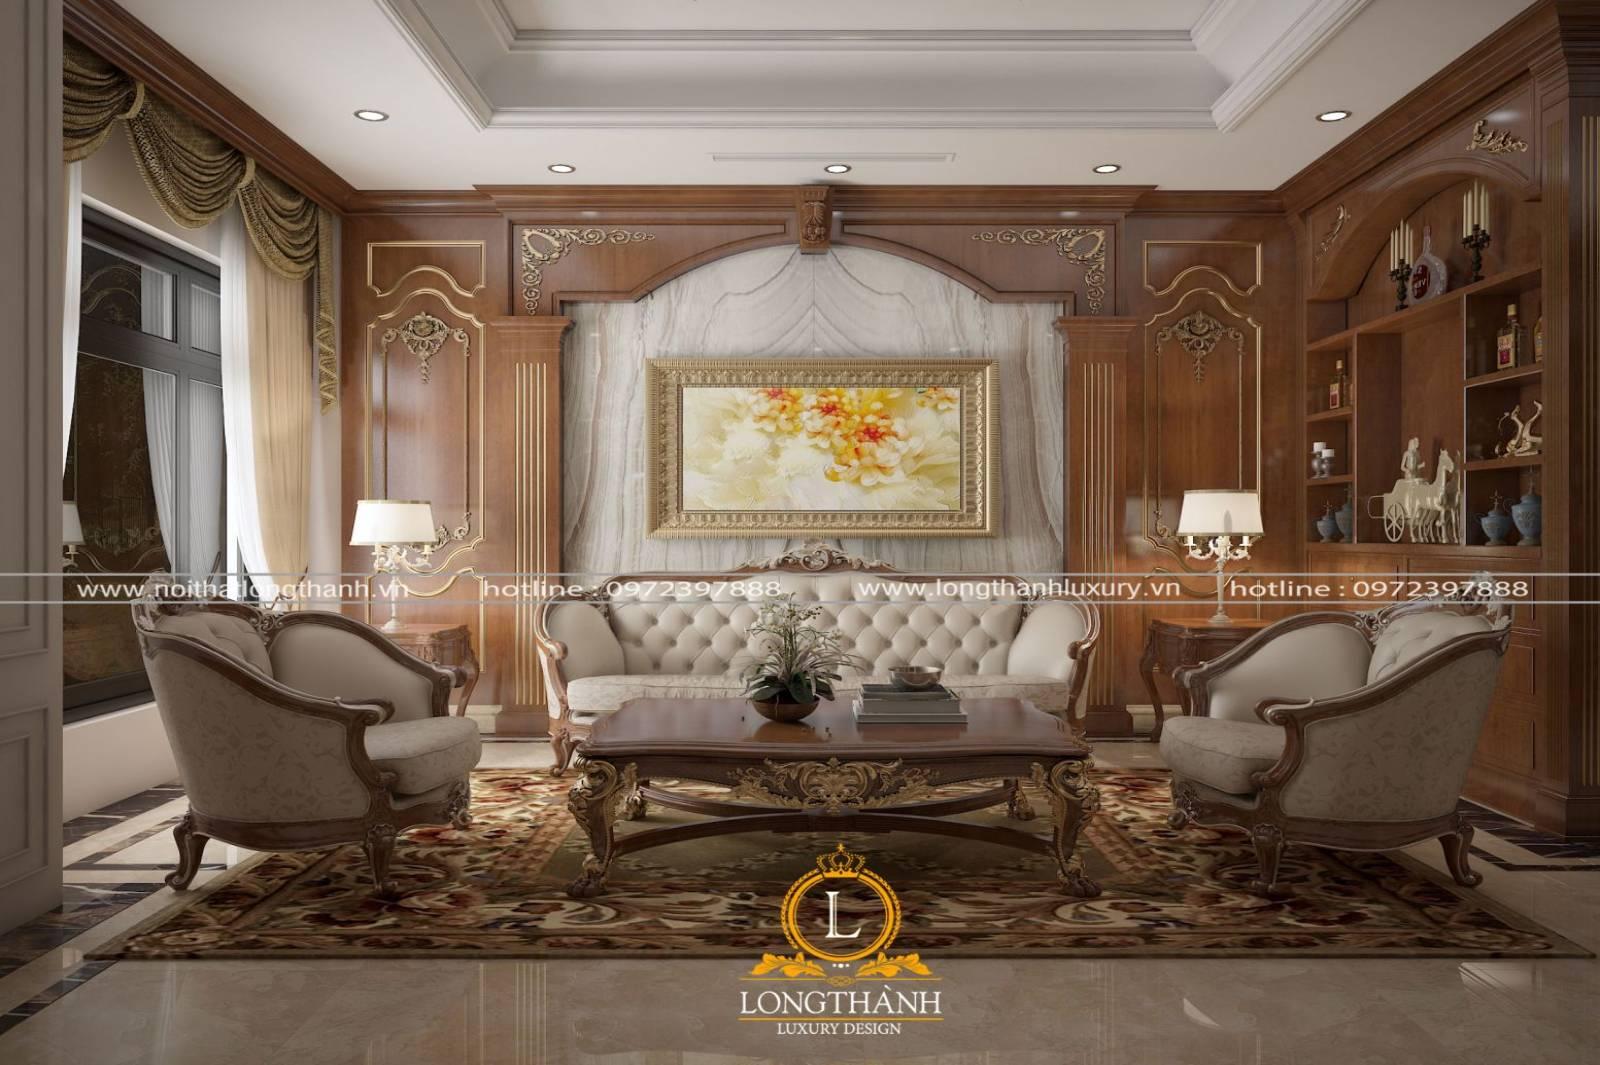 Bộ sofa chữ u tân cổ điển đẹp tinh tế cho phòng khách nhà phố